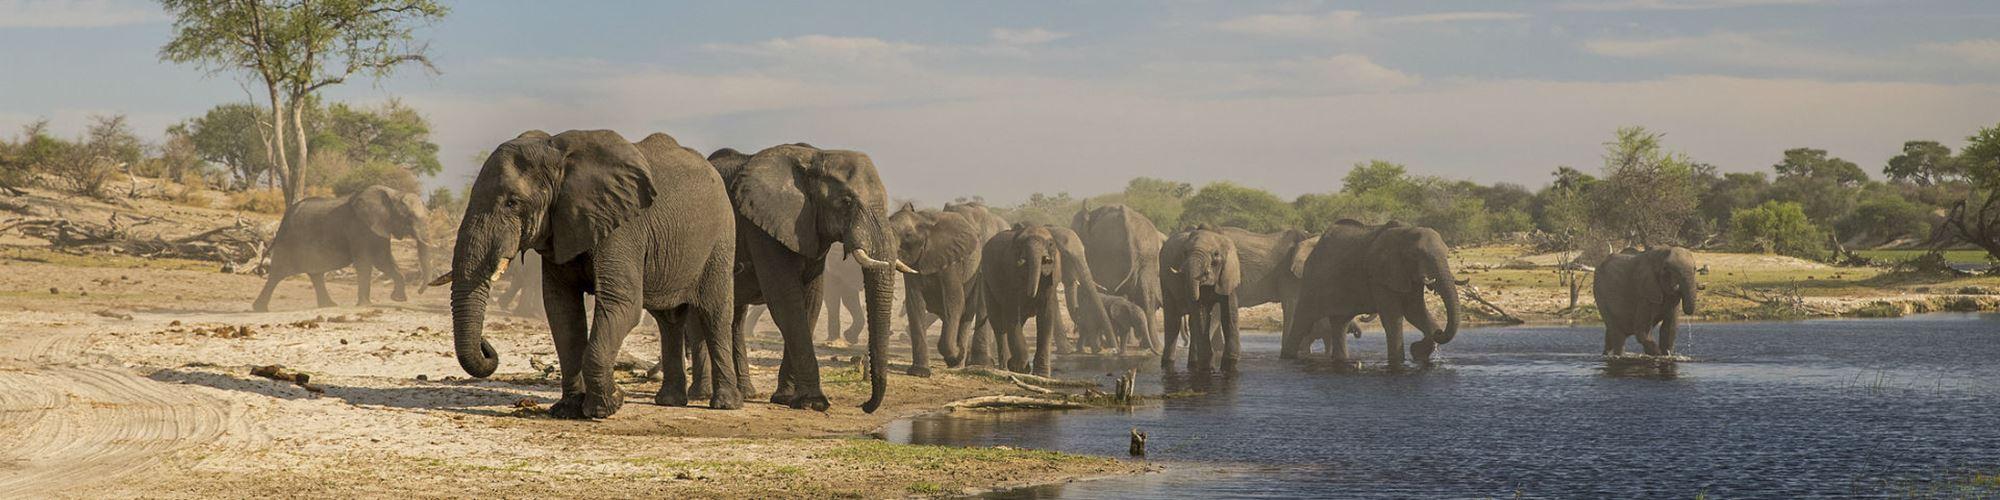 Está desvendada a misteriosa causa da morte de 300 elefantes no Botsuana